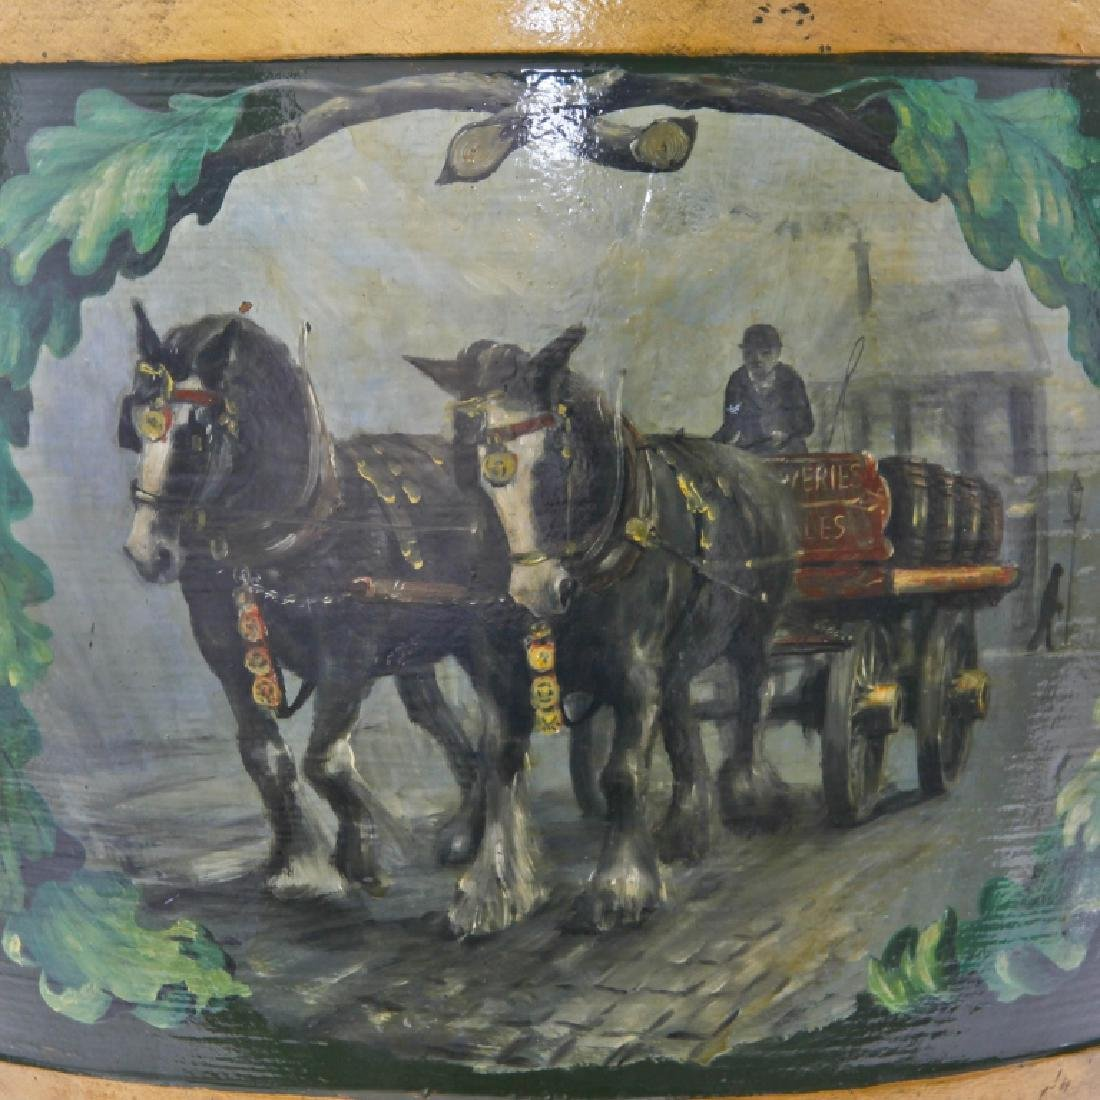 Doulton Lambeth Large Whiskey Barrel with Horses - 2